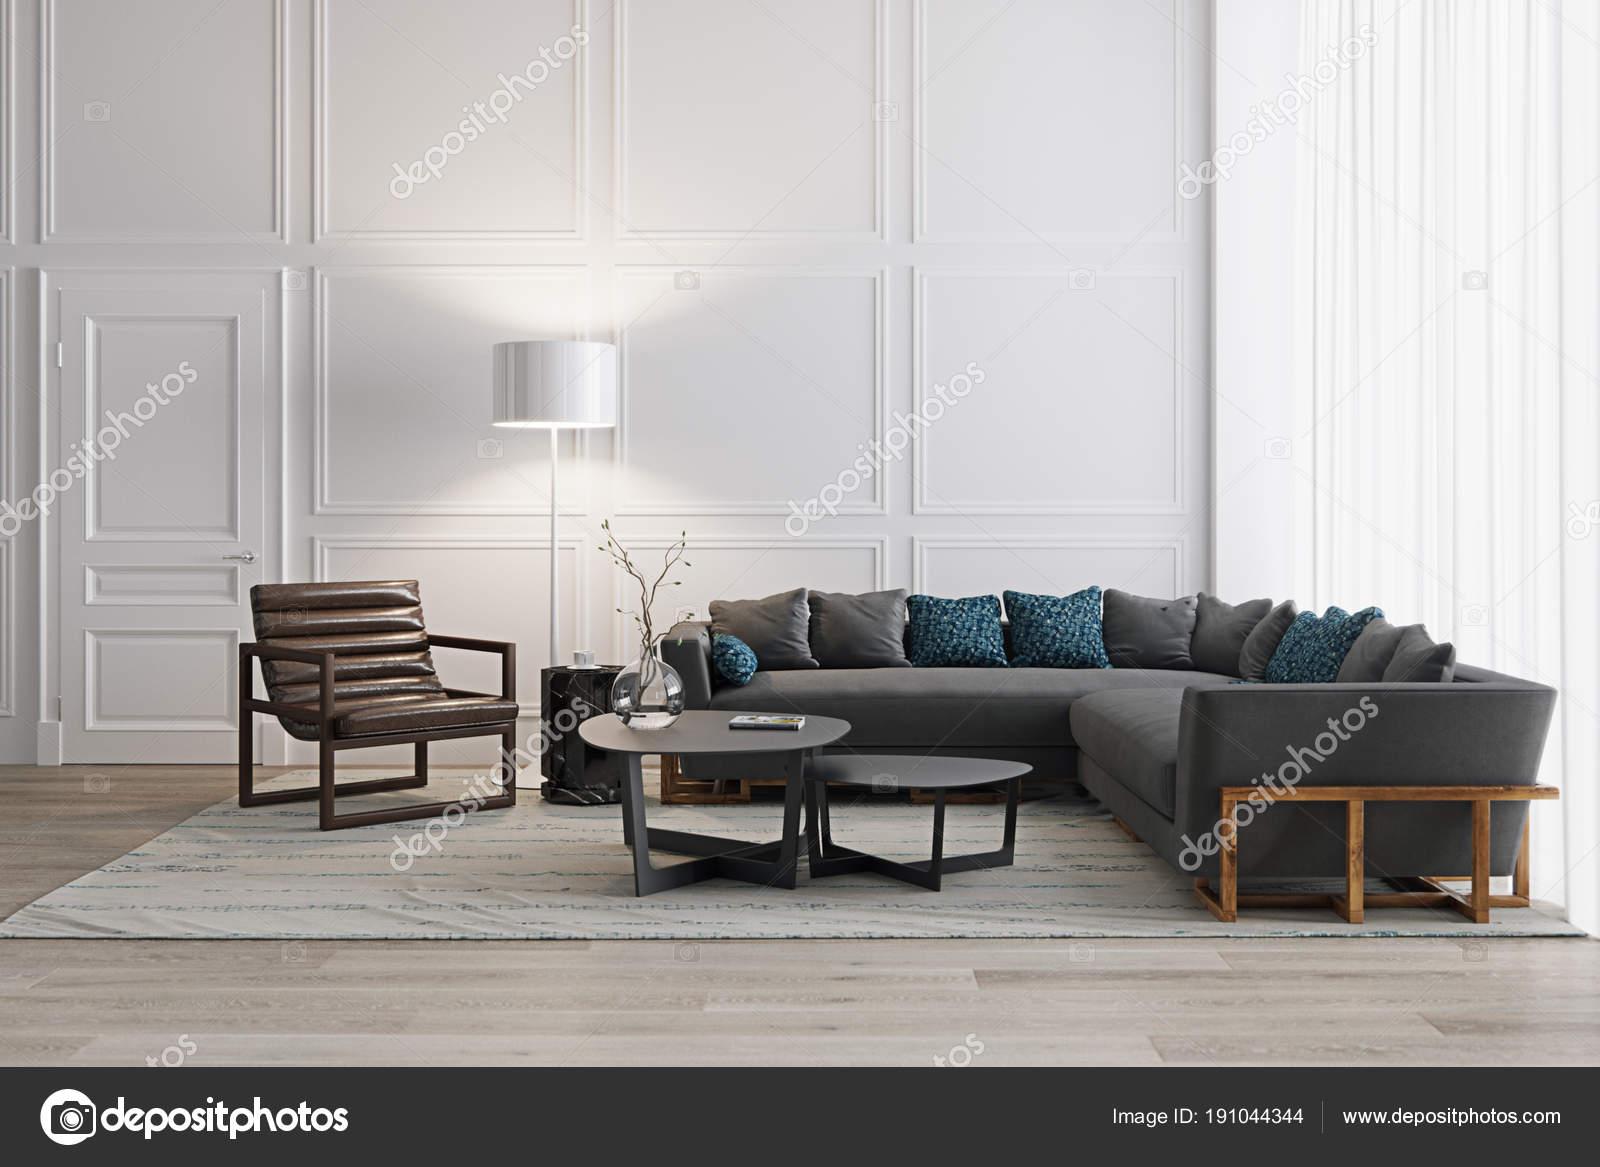 Weiße Wohnzimmer im skandinavischen Stil mit modernen Möbeln ...